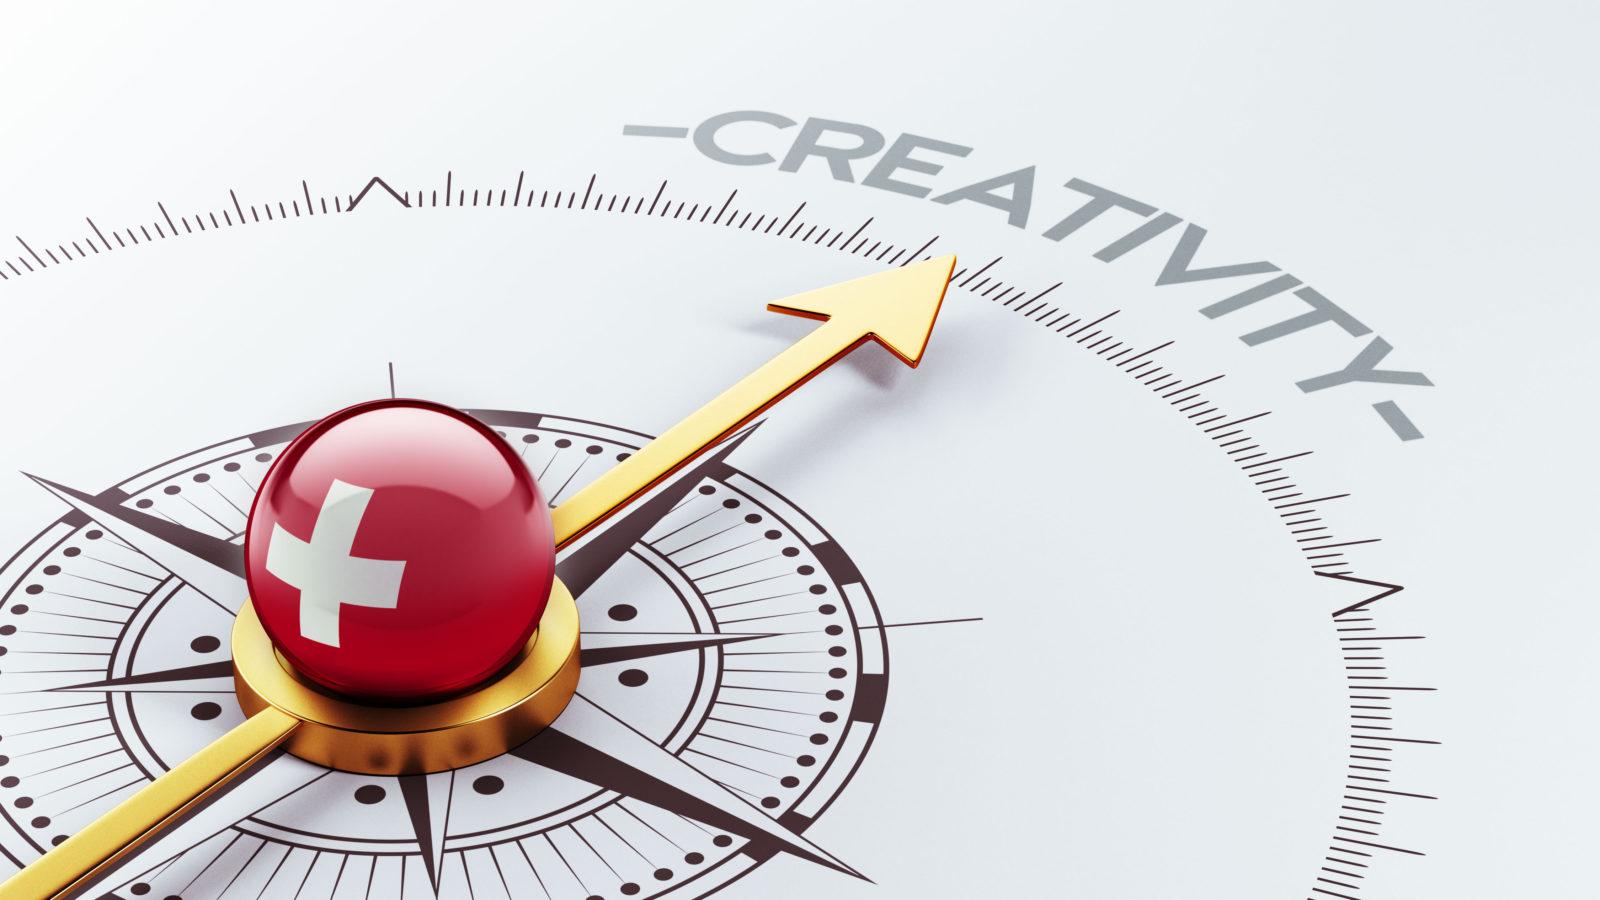 La Suisse marque des points grâce à l'innovation et à l'esprit d'entreprise